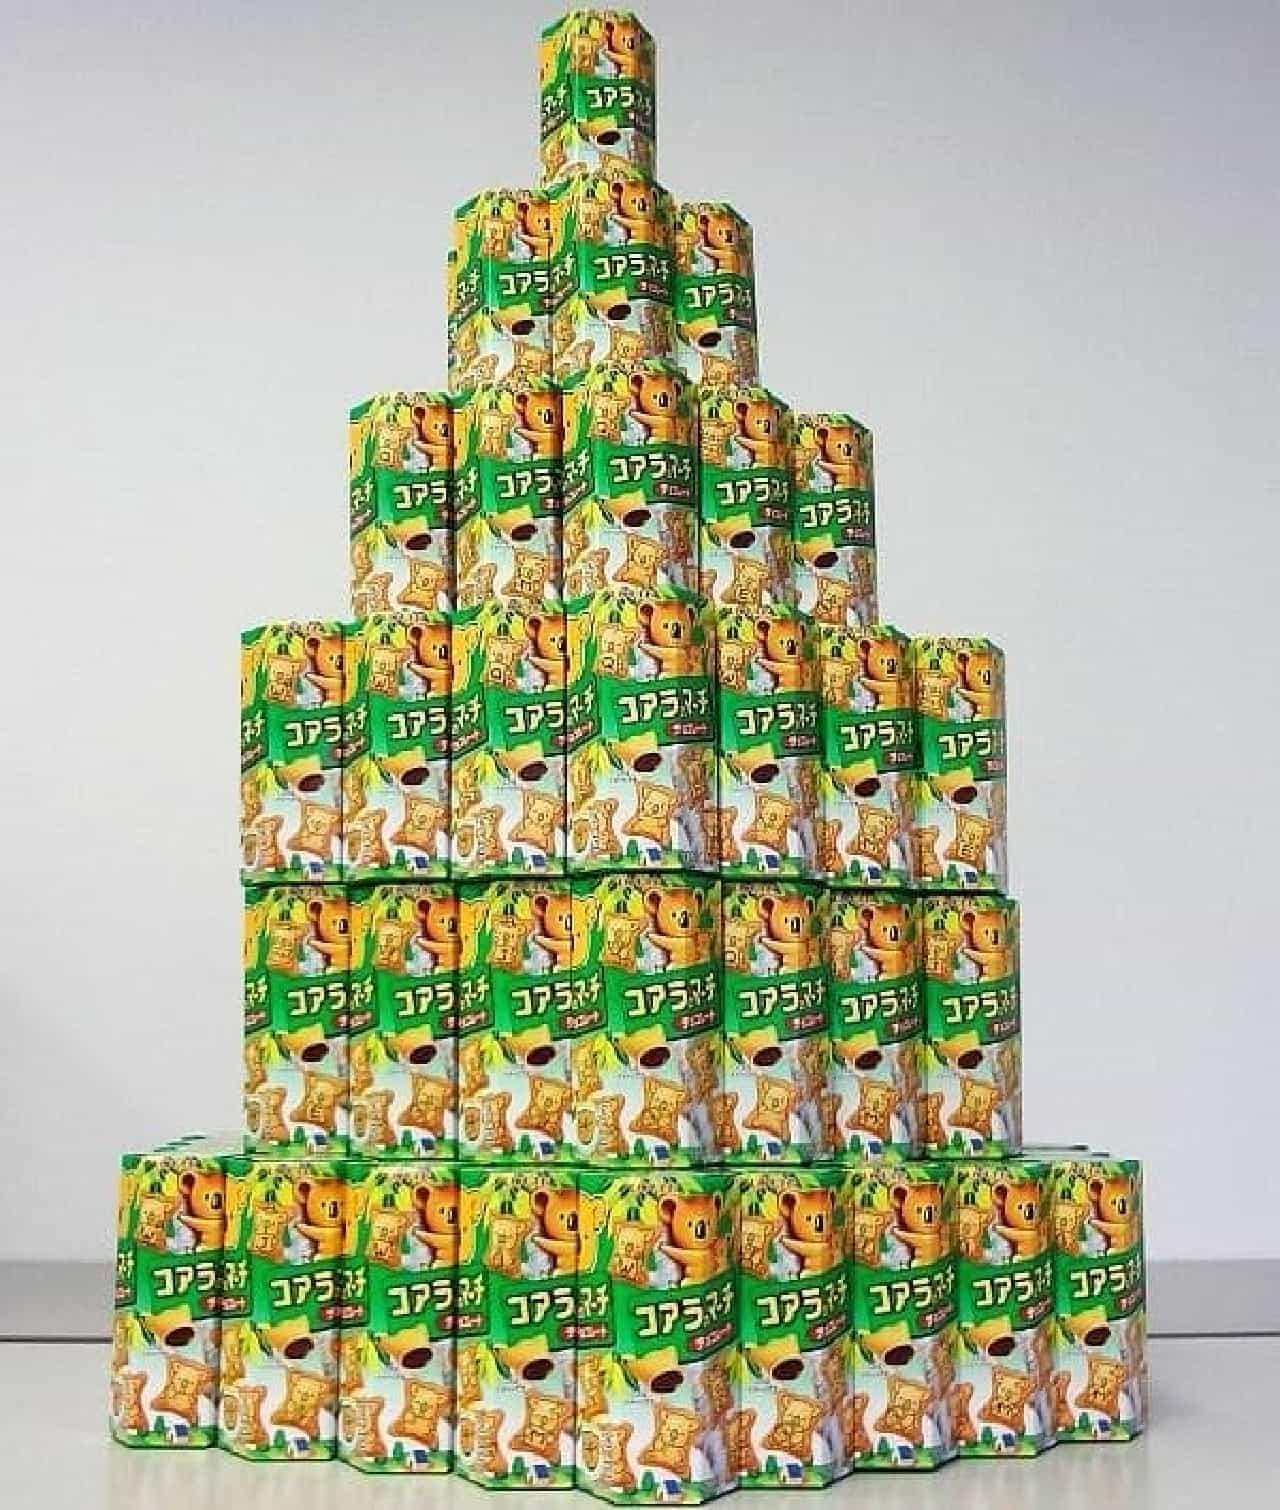 えん食べ編集部員が購入したの『コアラのマーチ』の数は計100個